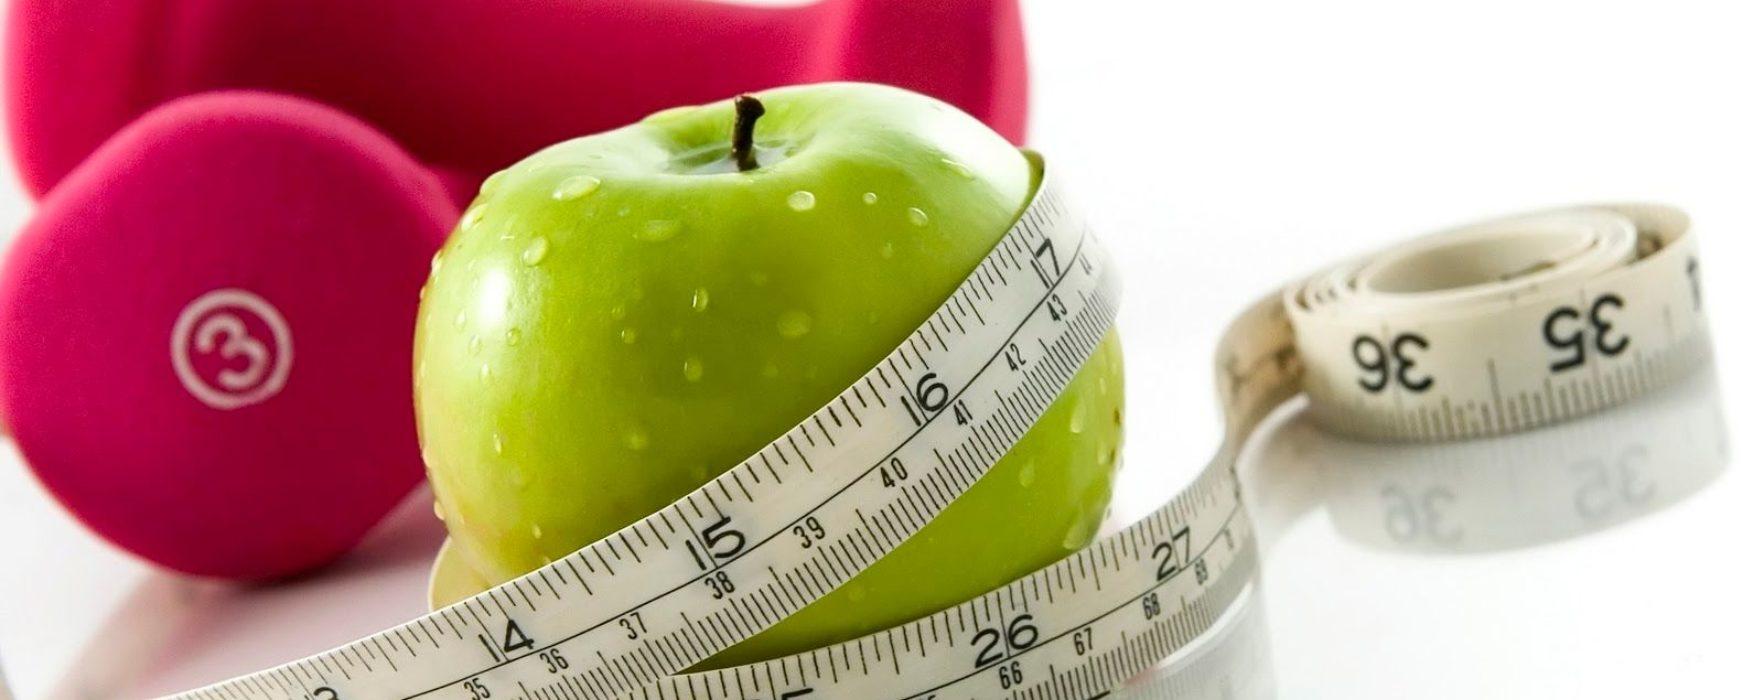 Opinia nutriţionistului: După Paște, o dietă de înfometare e cea mai păguboasă alegere